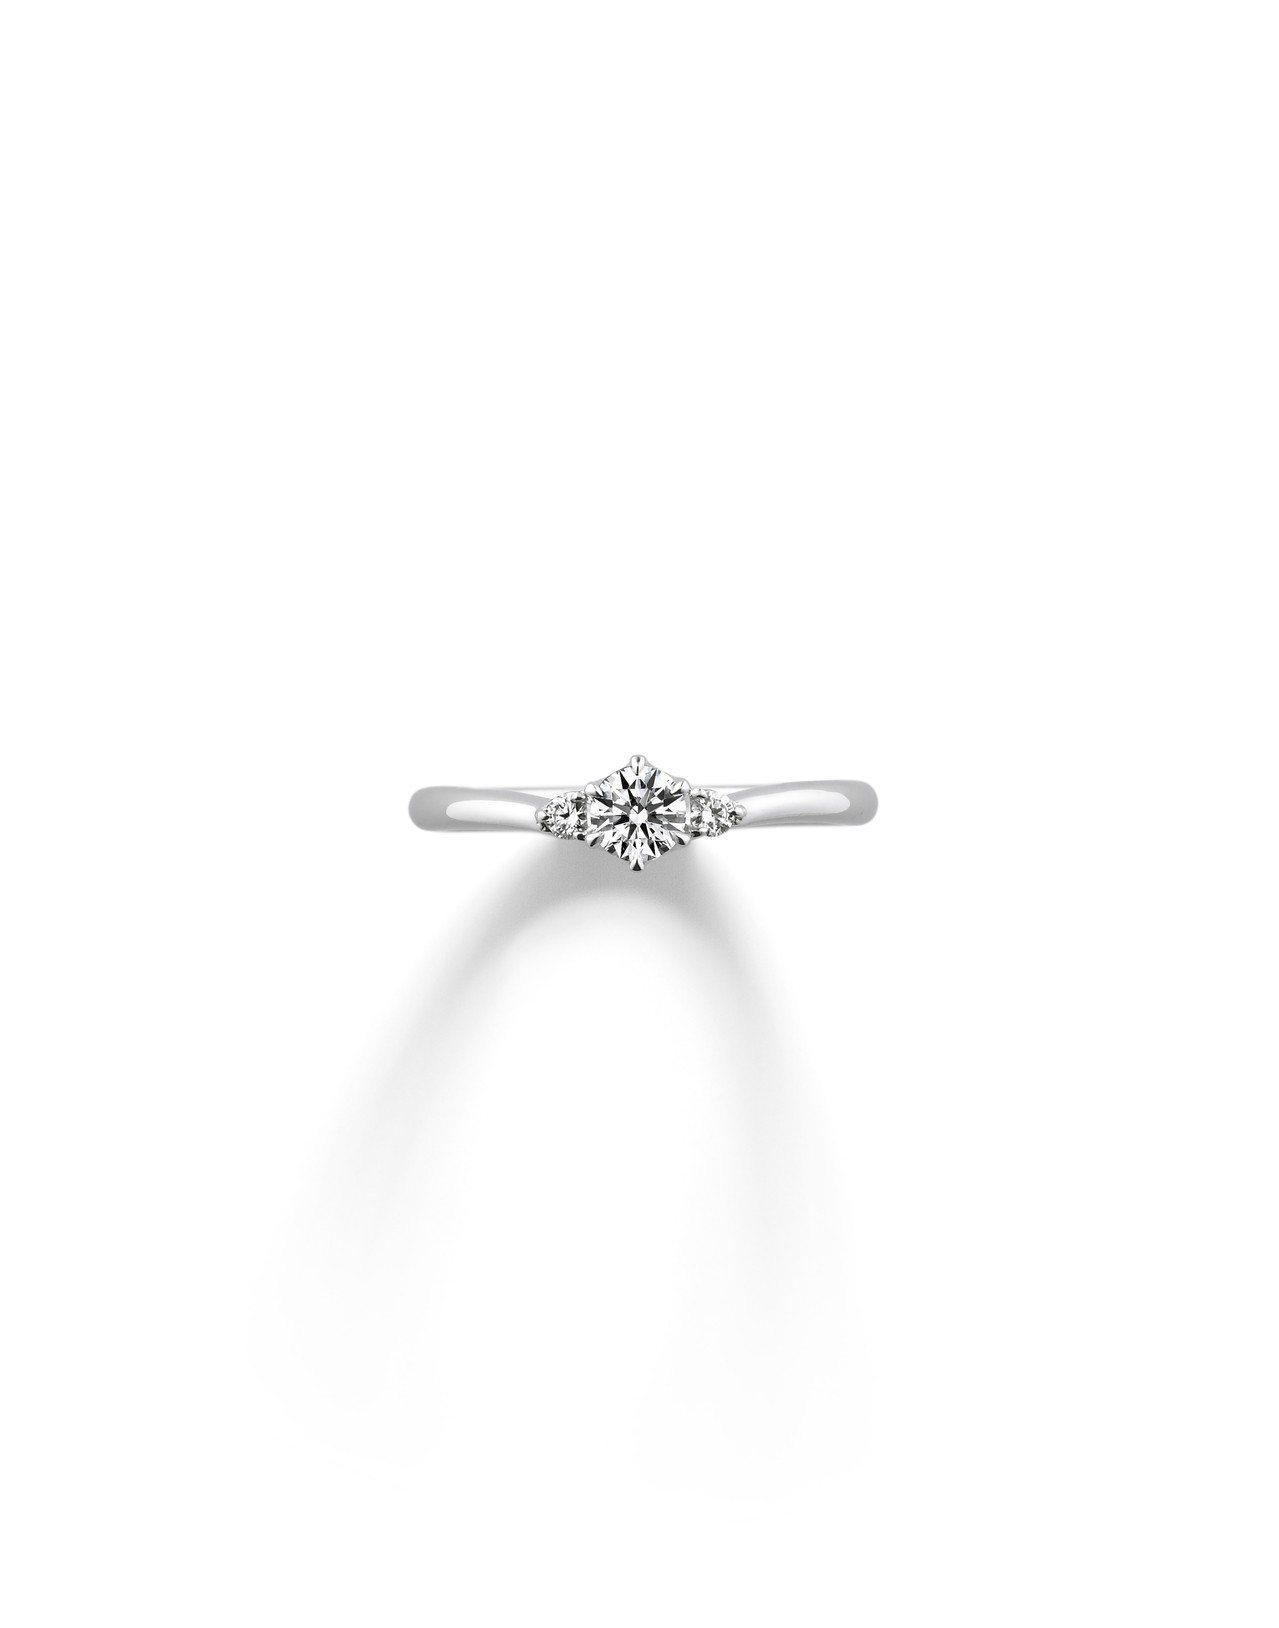 銀座白石訂婚鑽戒Smiling・Jasmine,以完美對稱比例在主石的左右兩側皆...